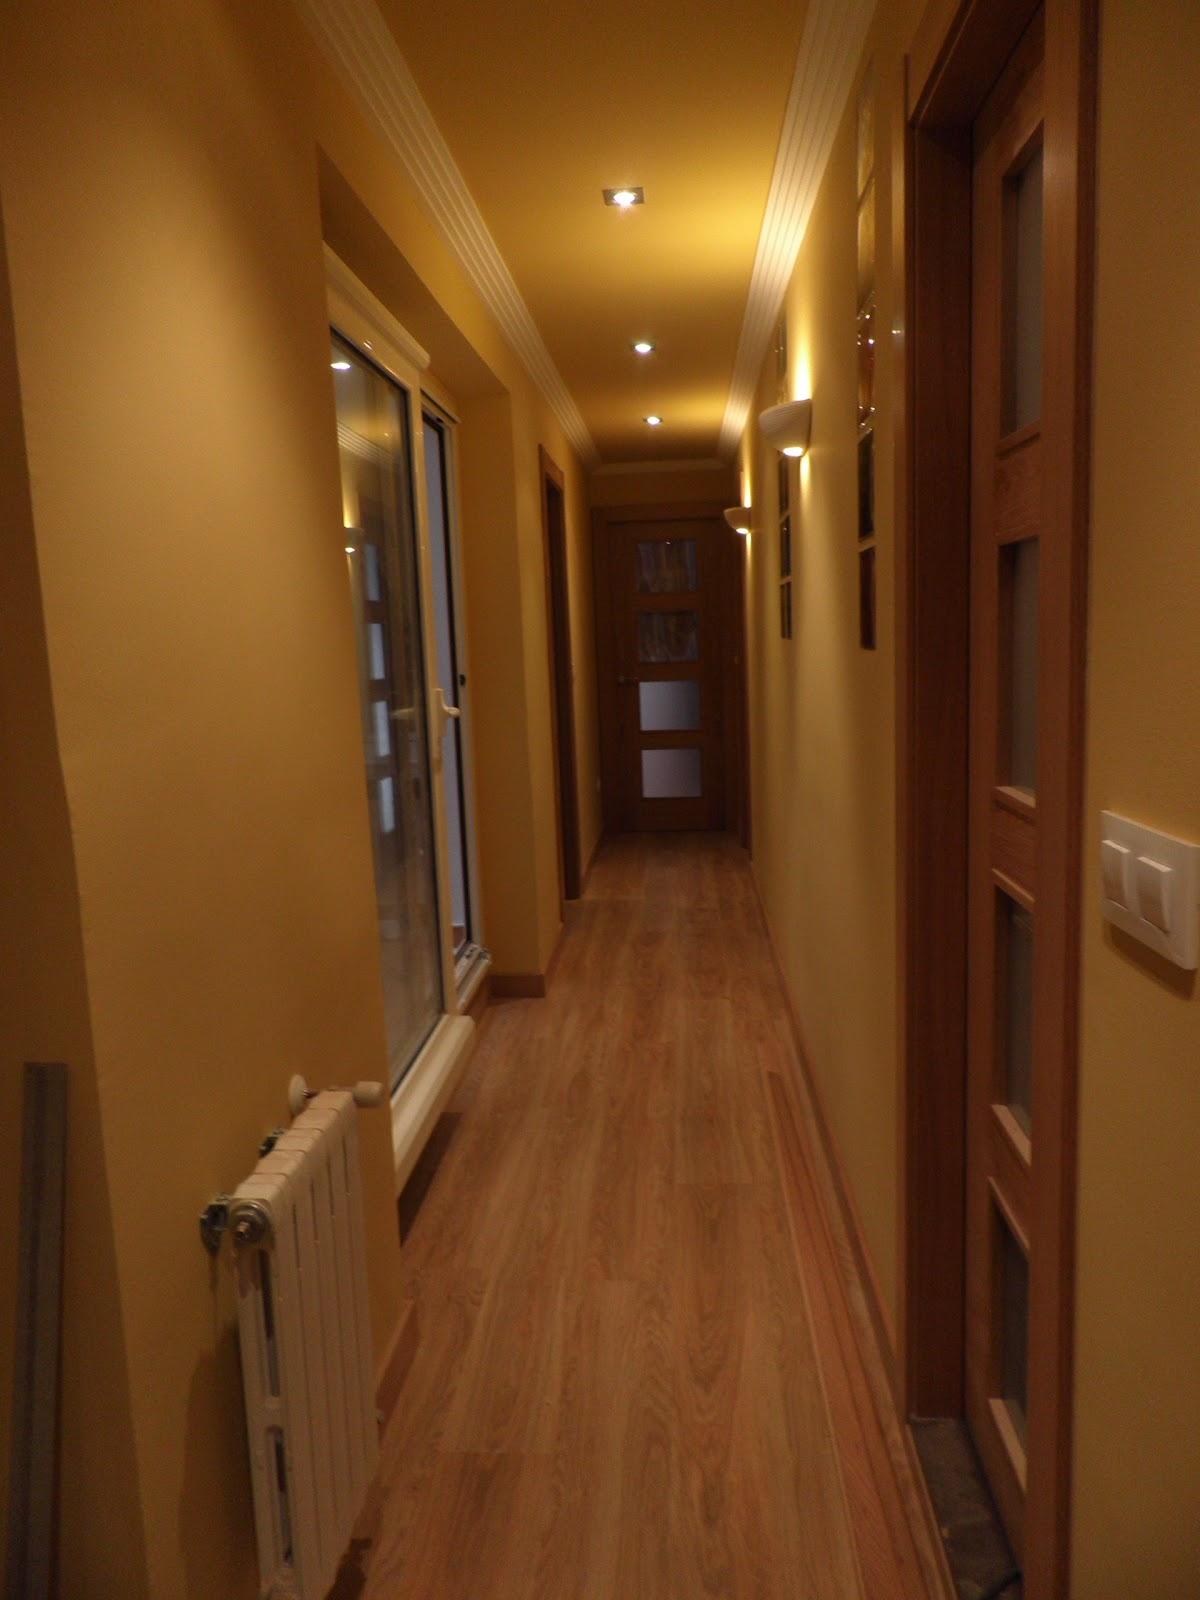 Interiorismo y decoracion lola torga el antes y despu s for Que color para un pasillo largo y oscuro